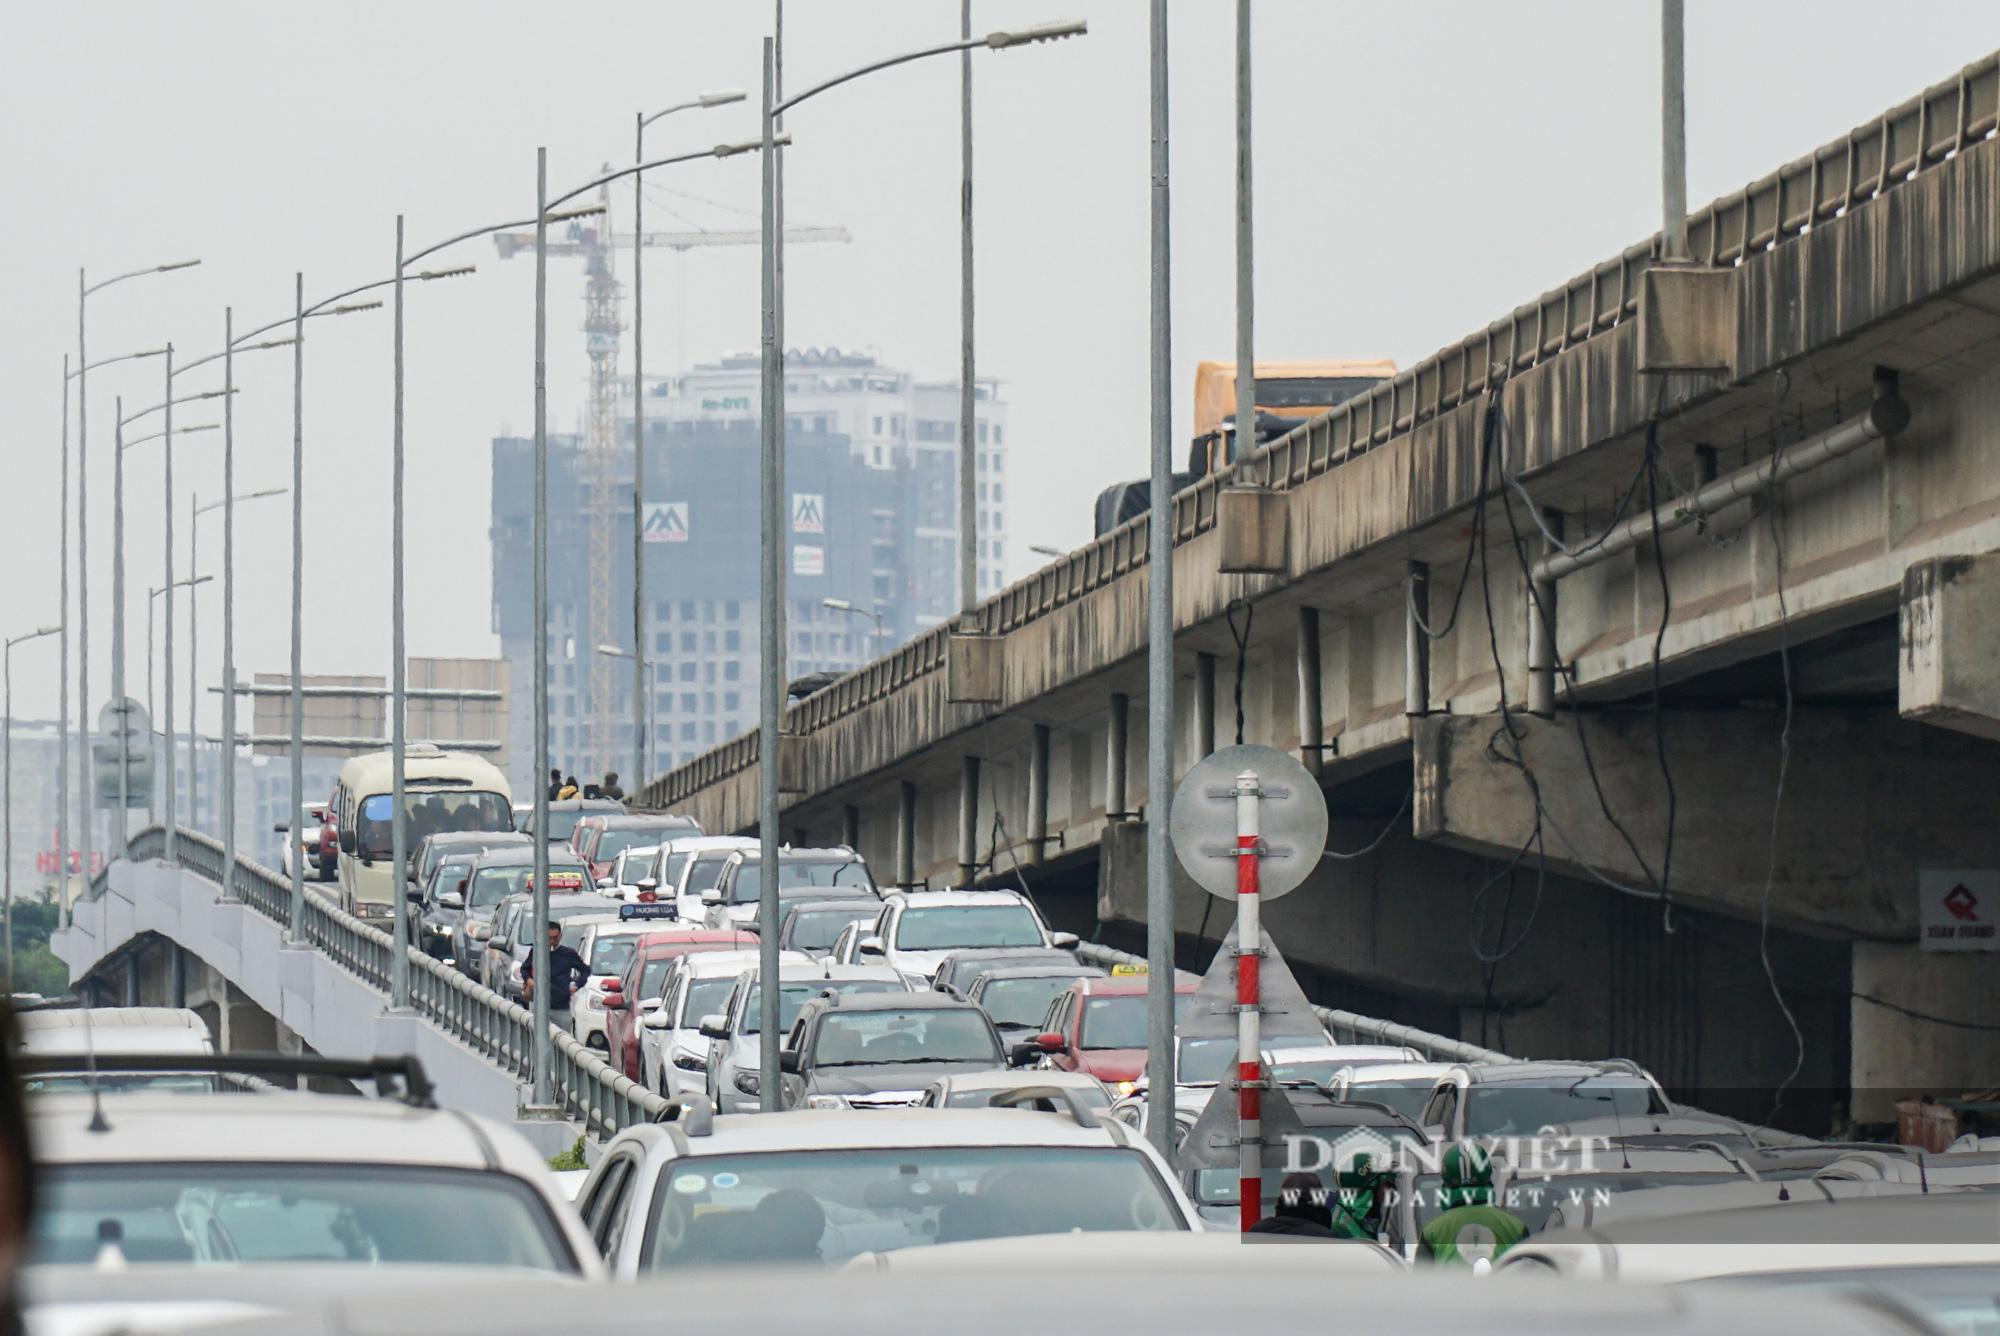 Cửa ngõ Thủ đô ùn tắc gần chục cây số sau khi kết thúc kỳ nghỉ Tết Dương lịch - Ảnh 10.